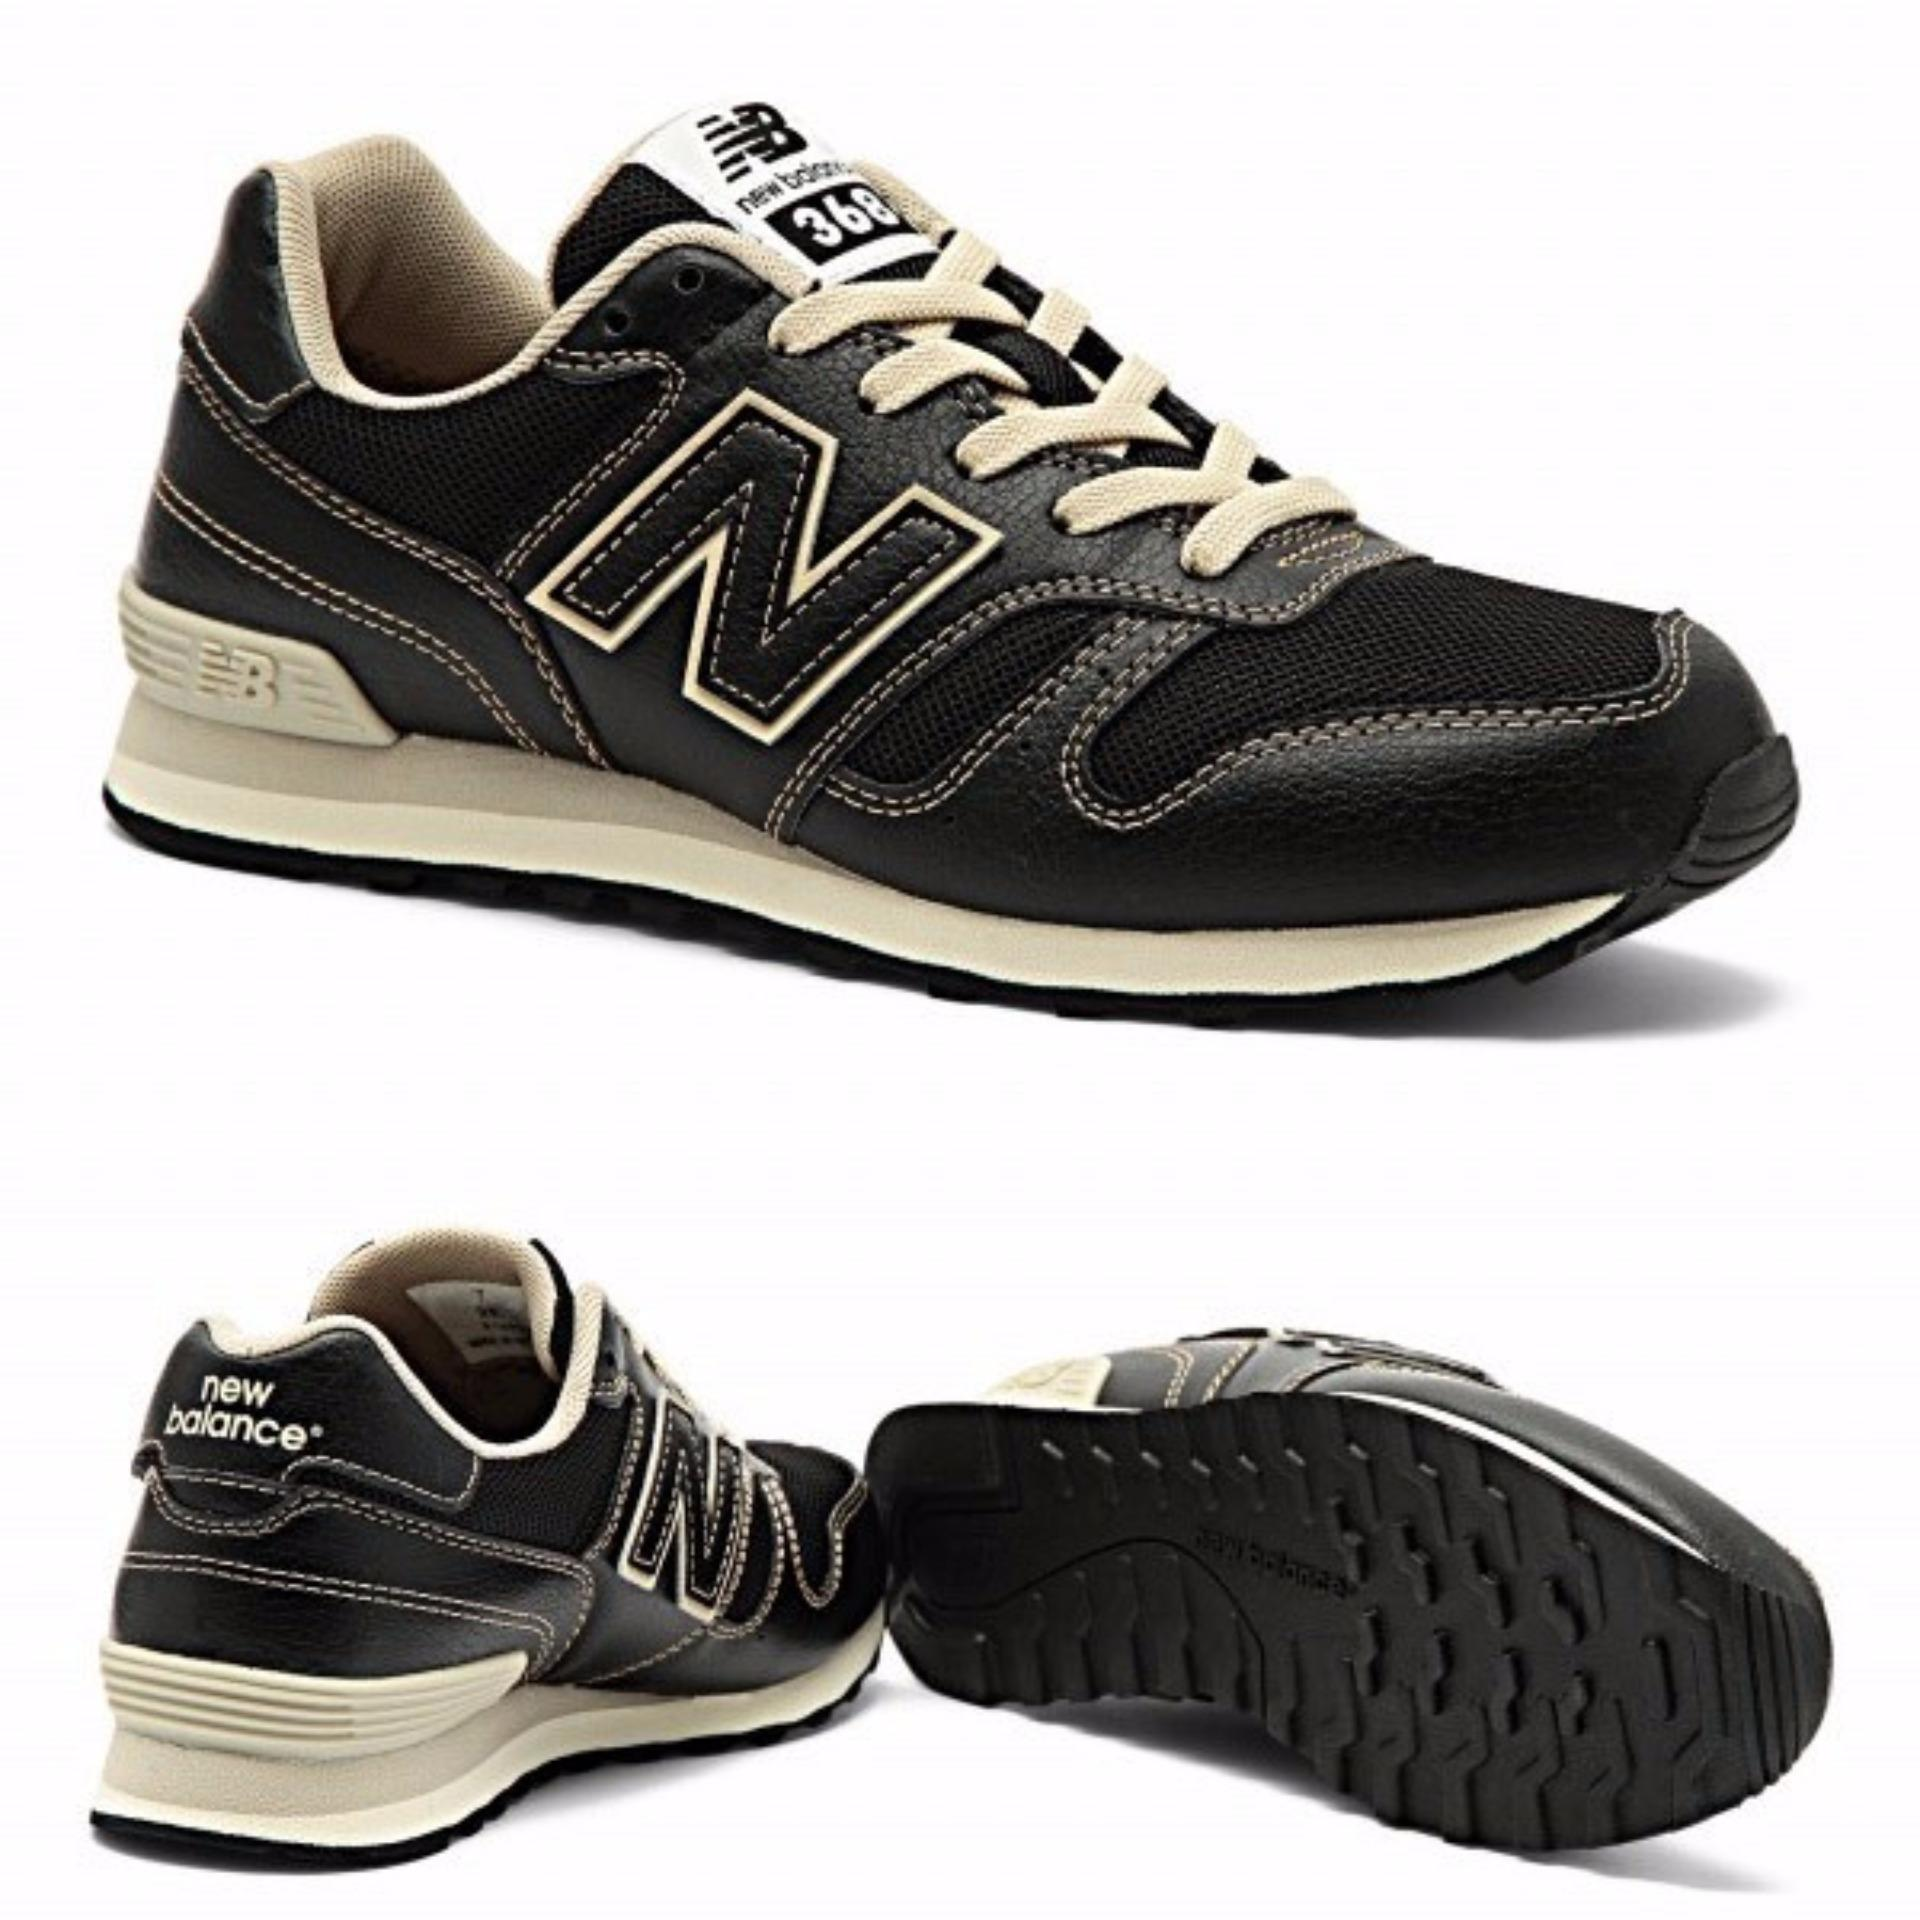 Jual New Balance 368 Sneakers Black W368Jbk Jawa Tengah Murah